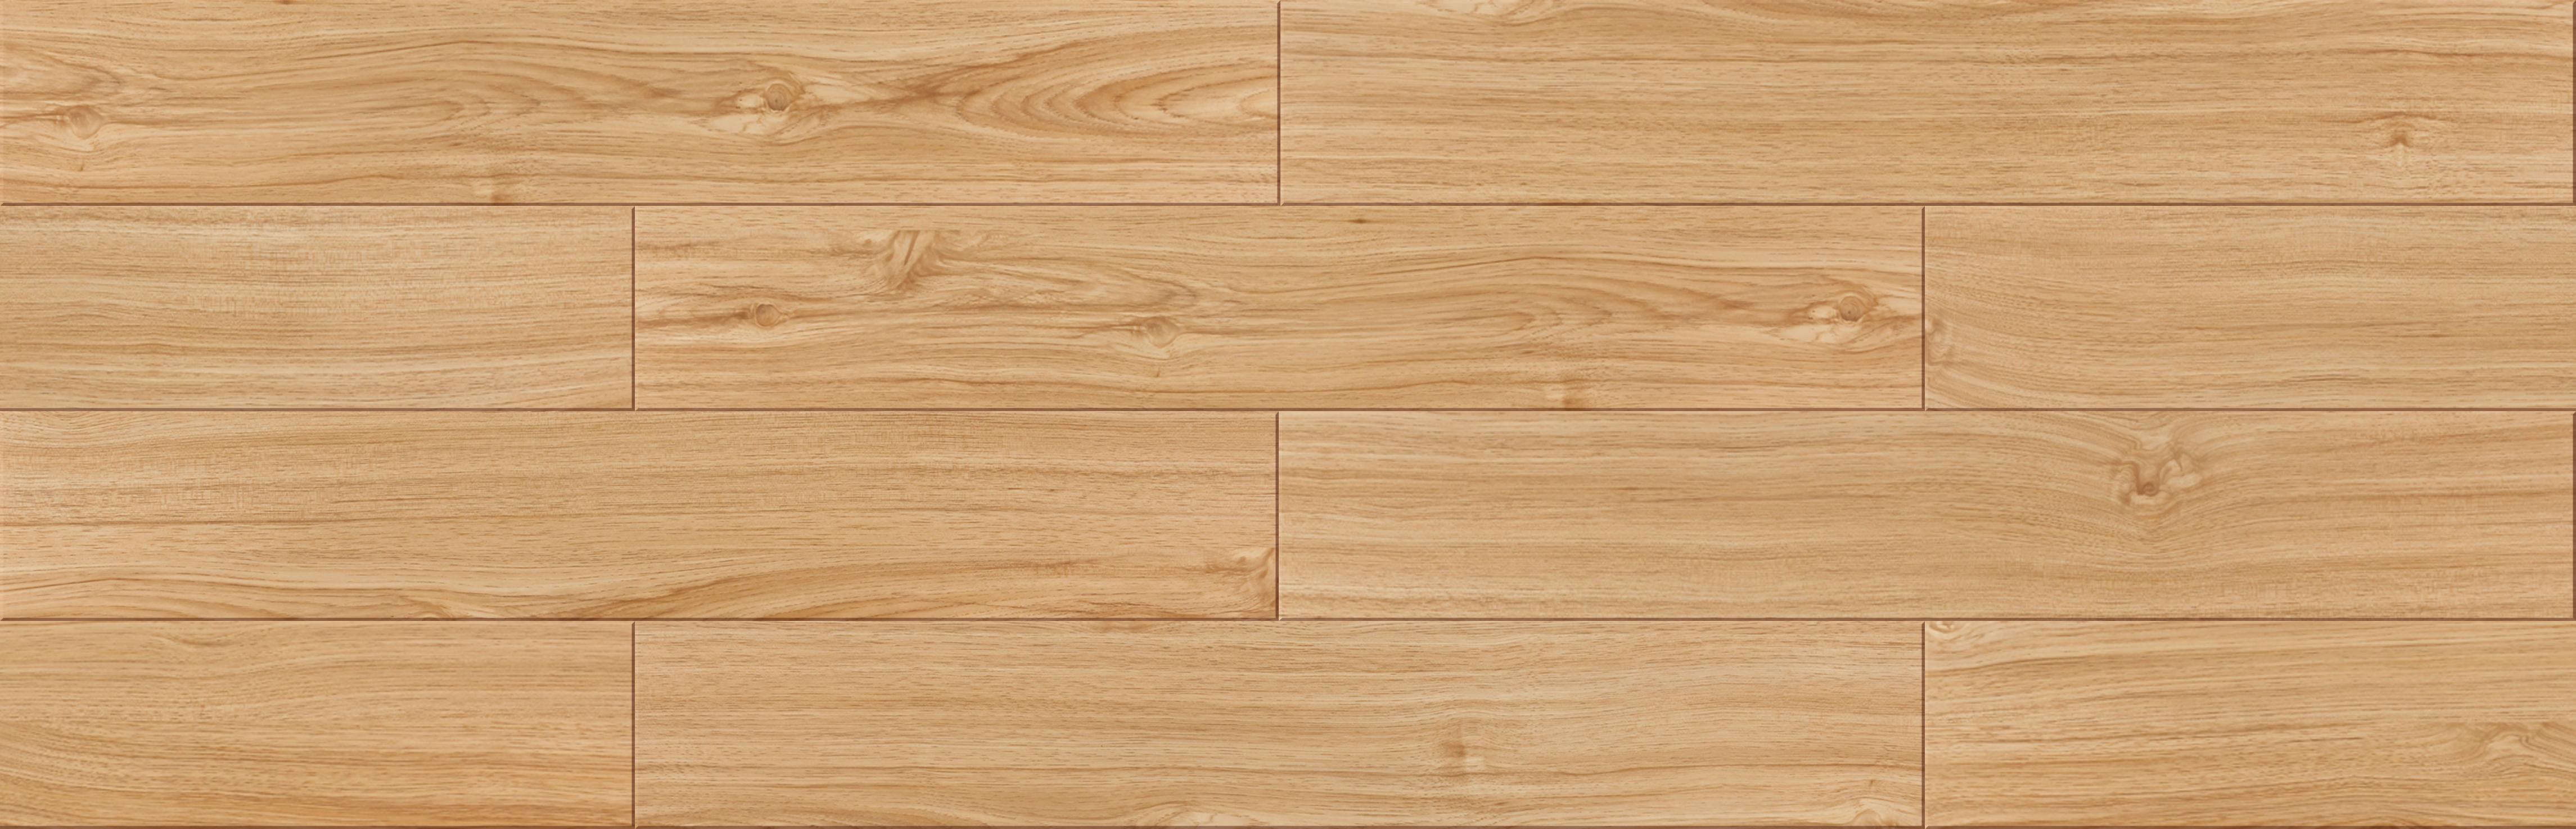 木材-木地板高清贴图【ID:636889881】